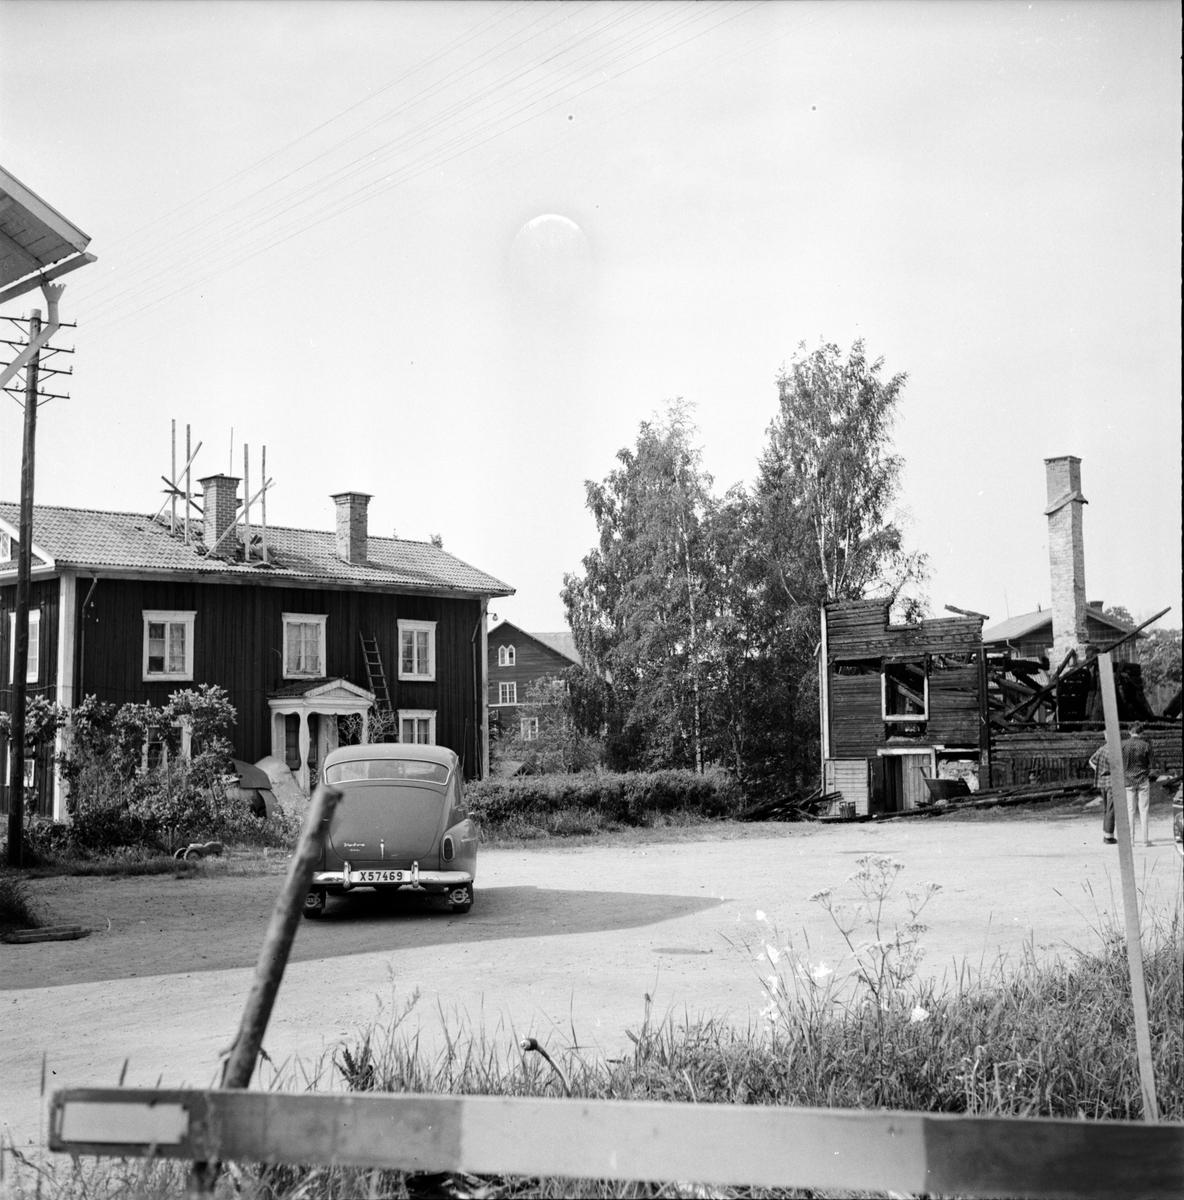 Hå, Saftfabrik, Brand, 21 Juni 1966